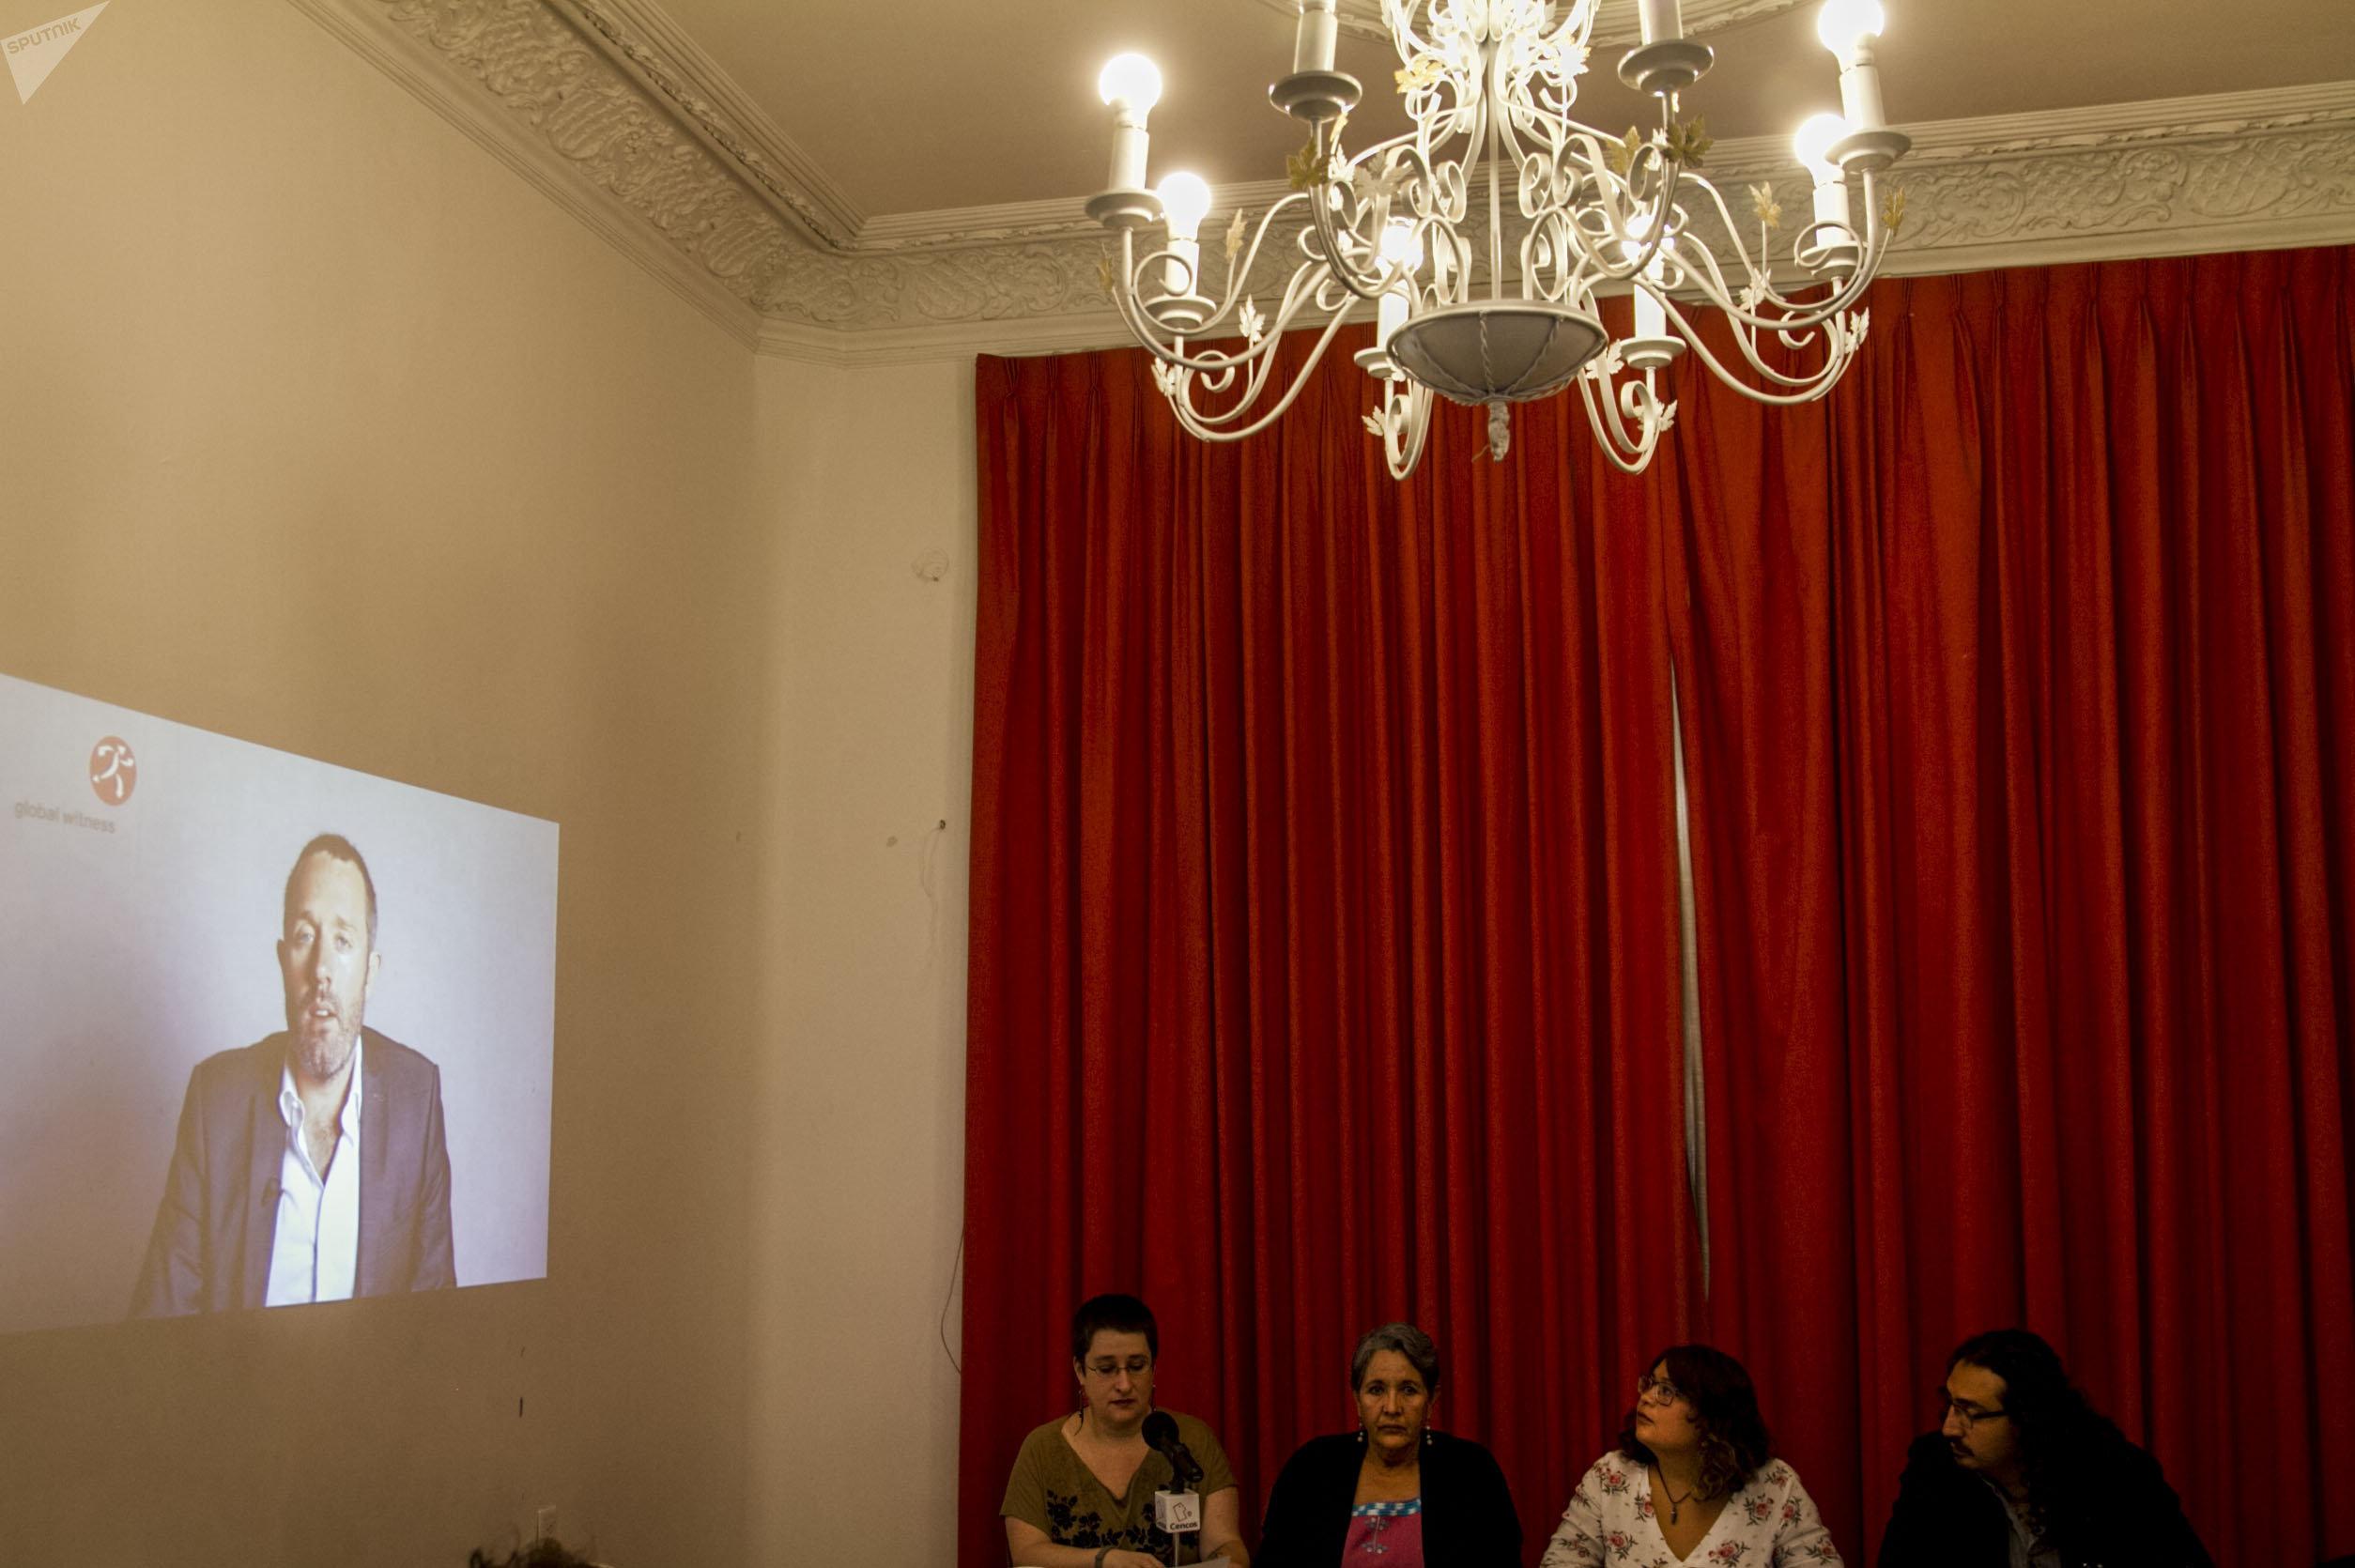 Conferencia de prensa en México de la presentación del informe A qué precio de la organización inglesa, Global Whitness, sobre asesinatos de defensores de derechos humanos en 2017